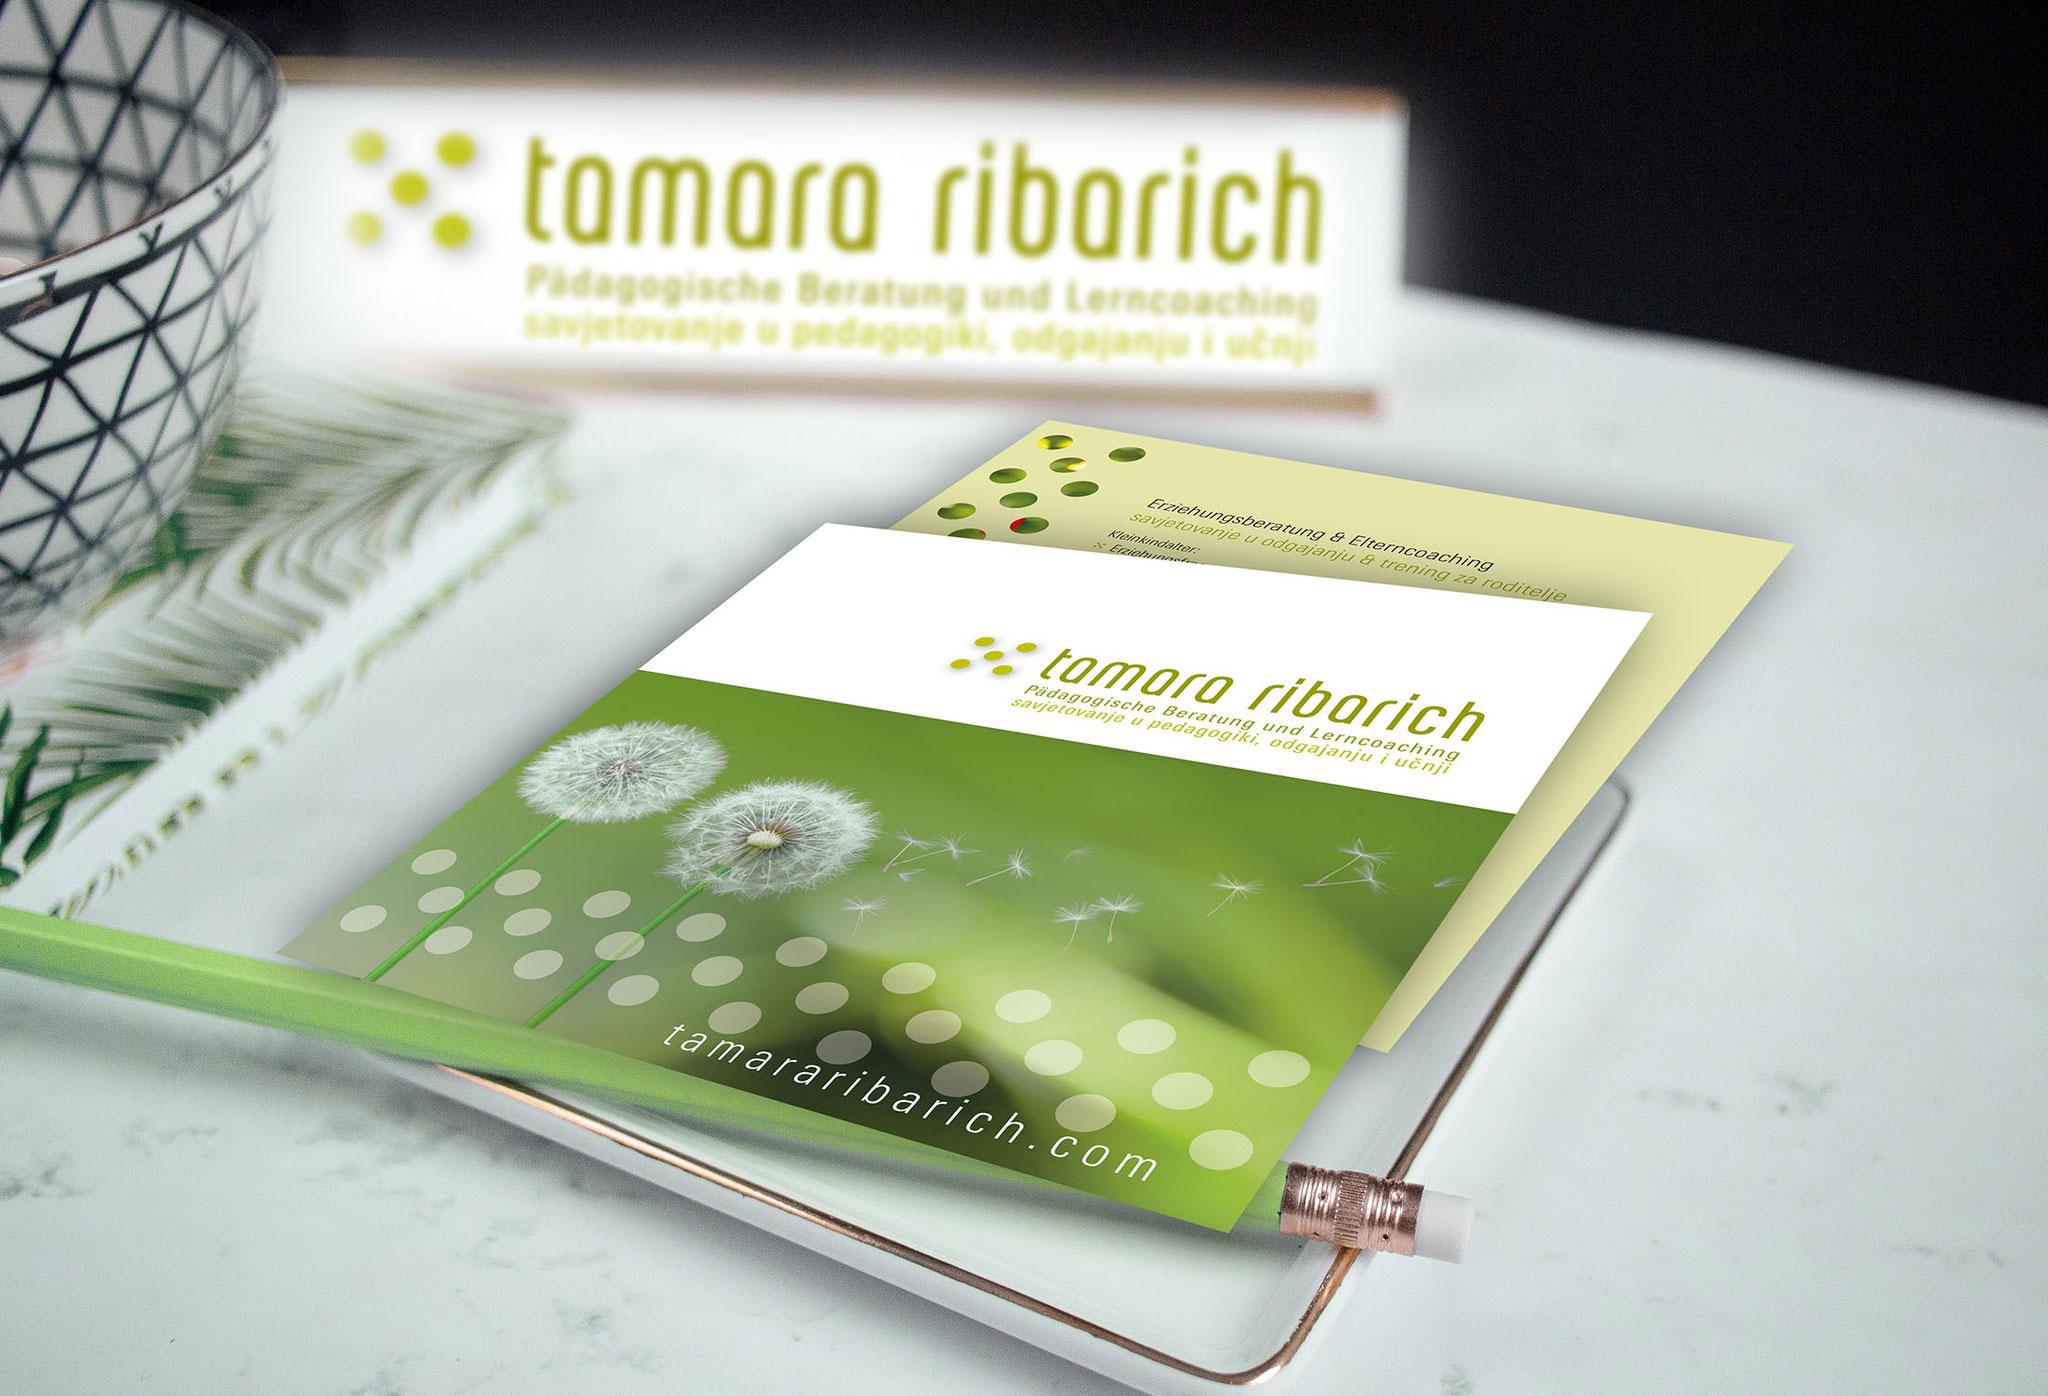 Tamara Ribarich | CI